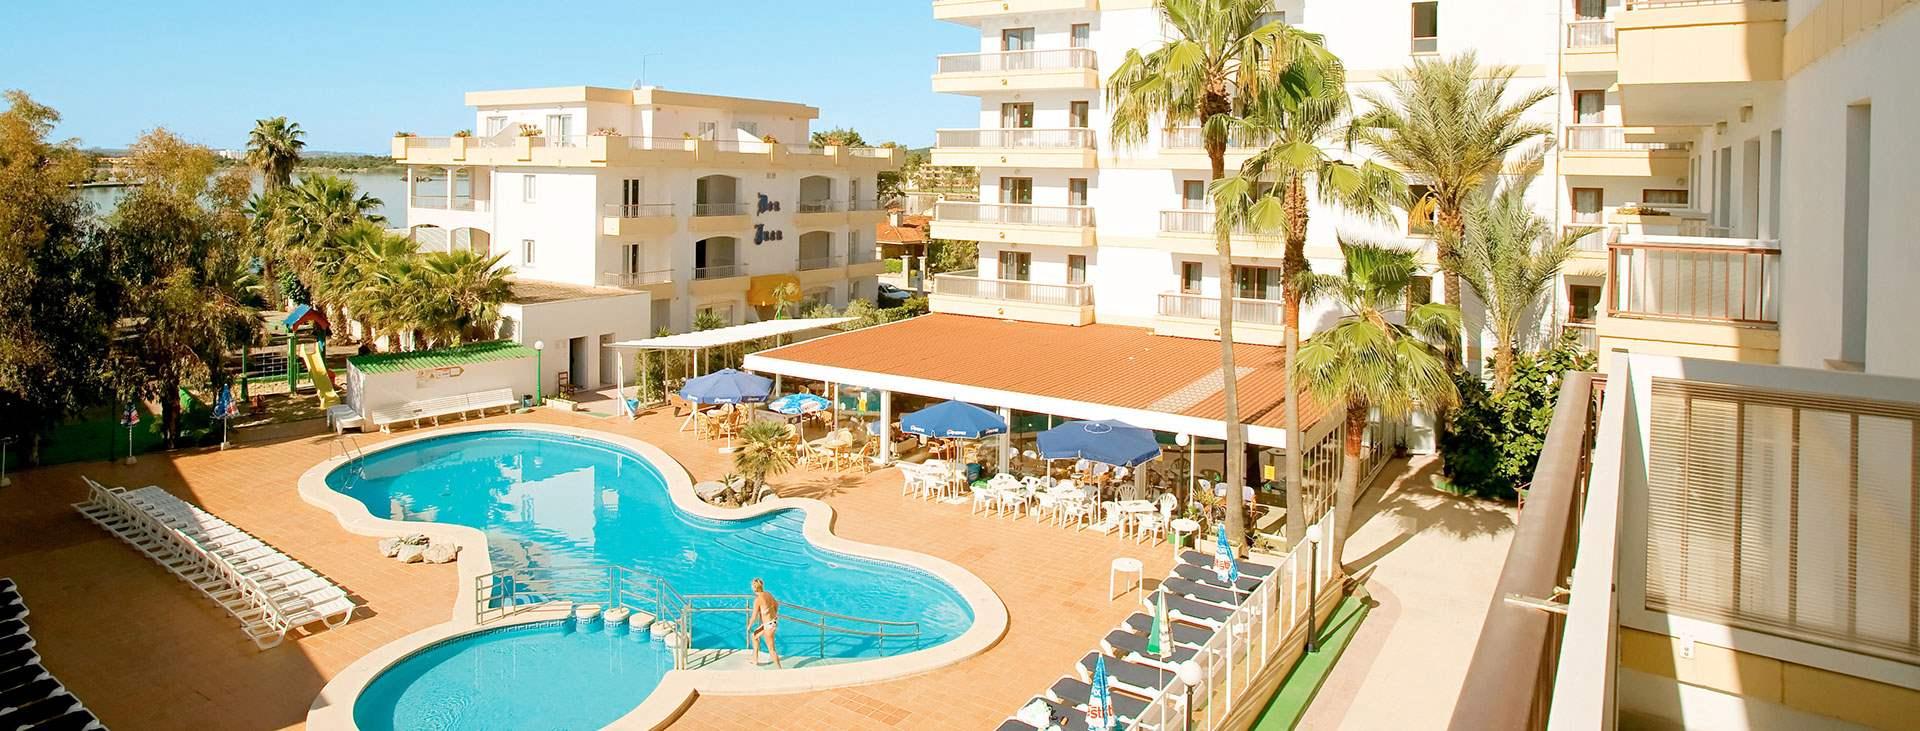 El Lago Bestil Hotel I Alcudia Hos Spies